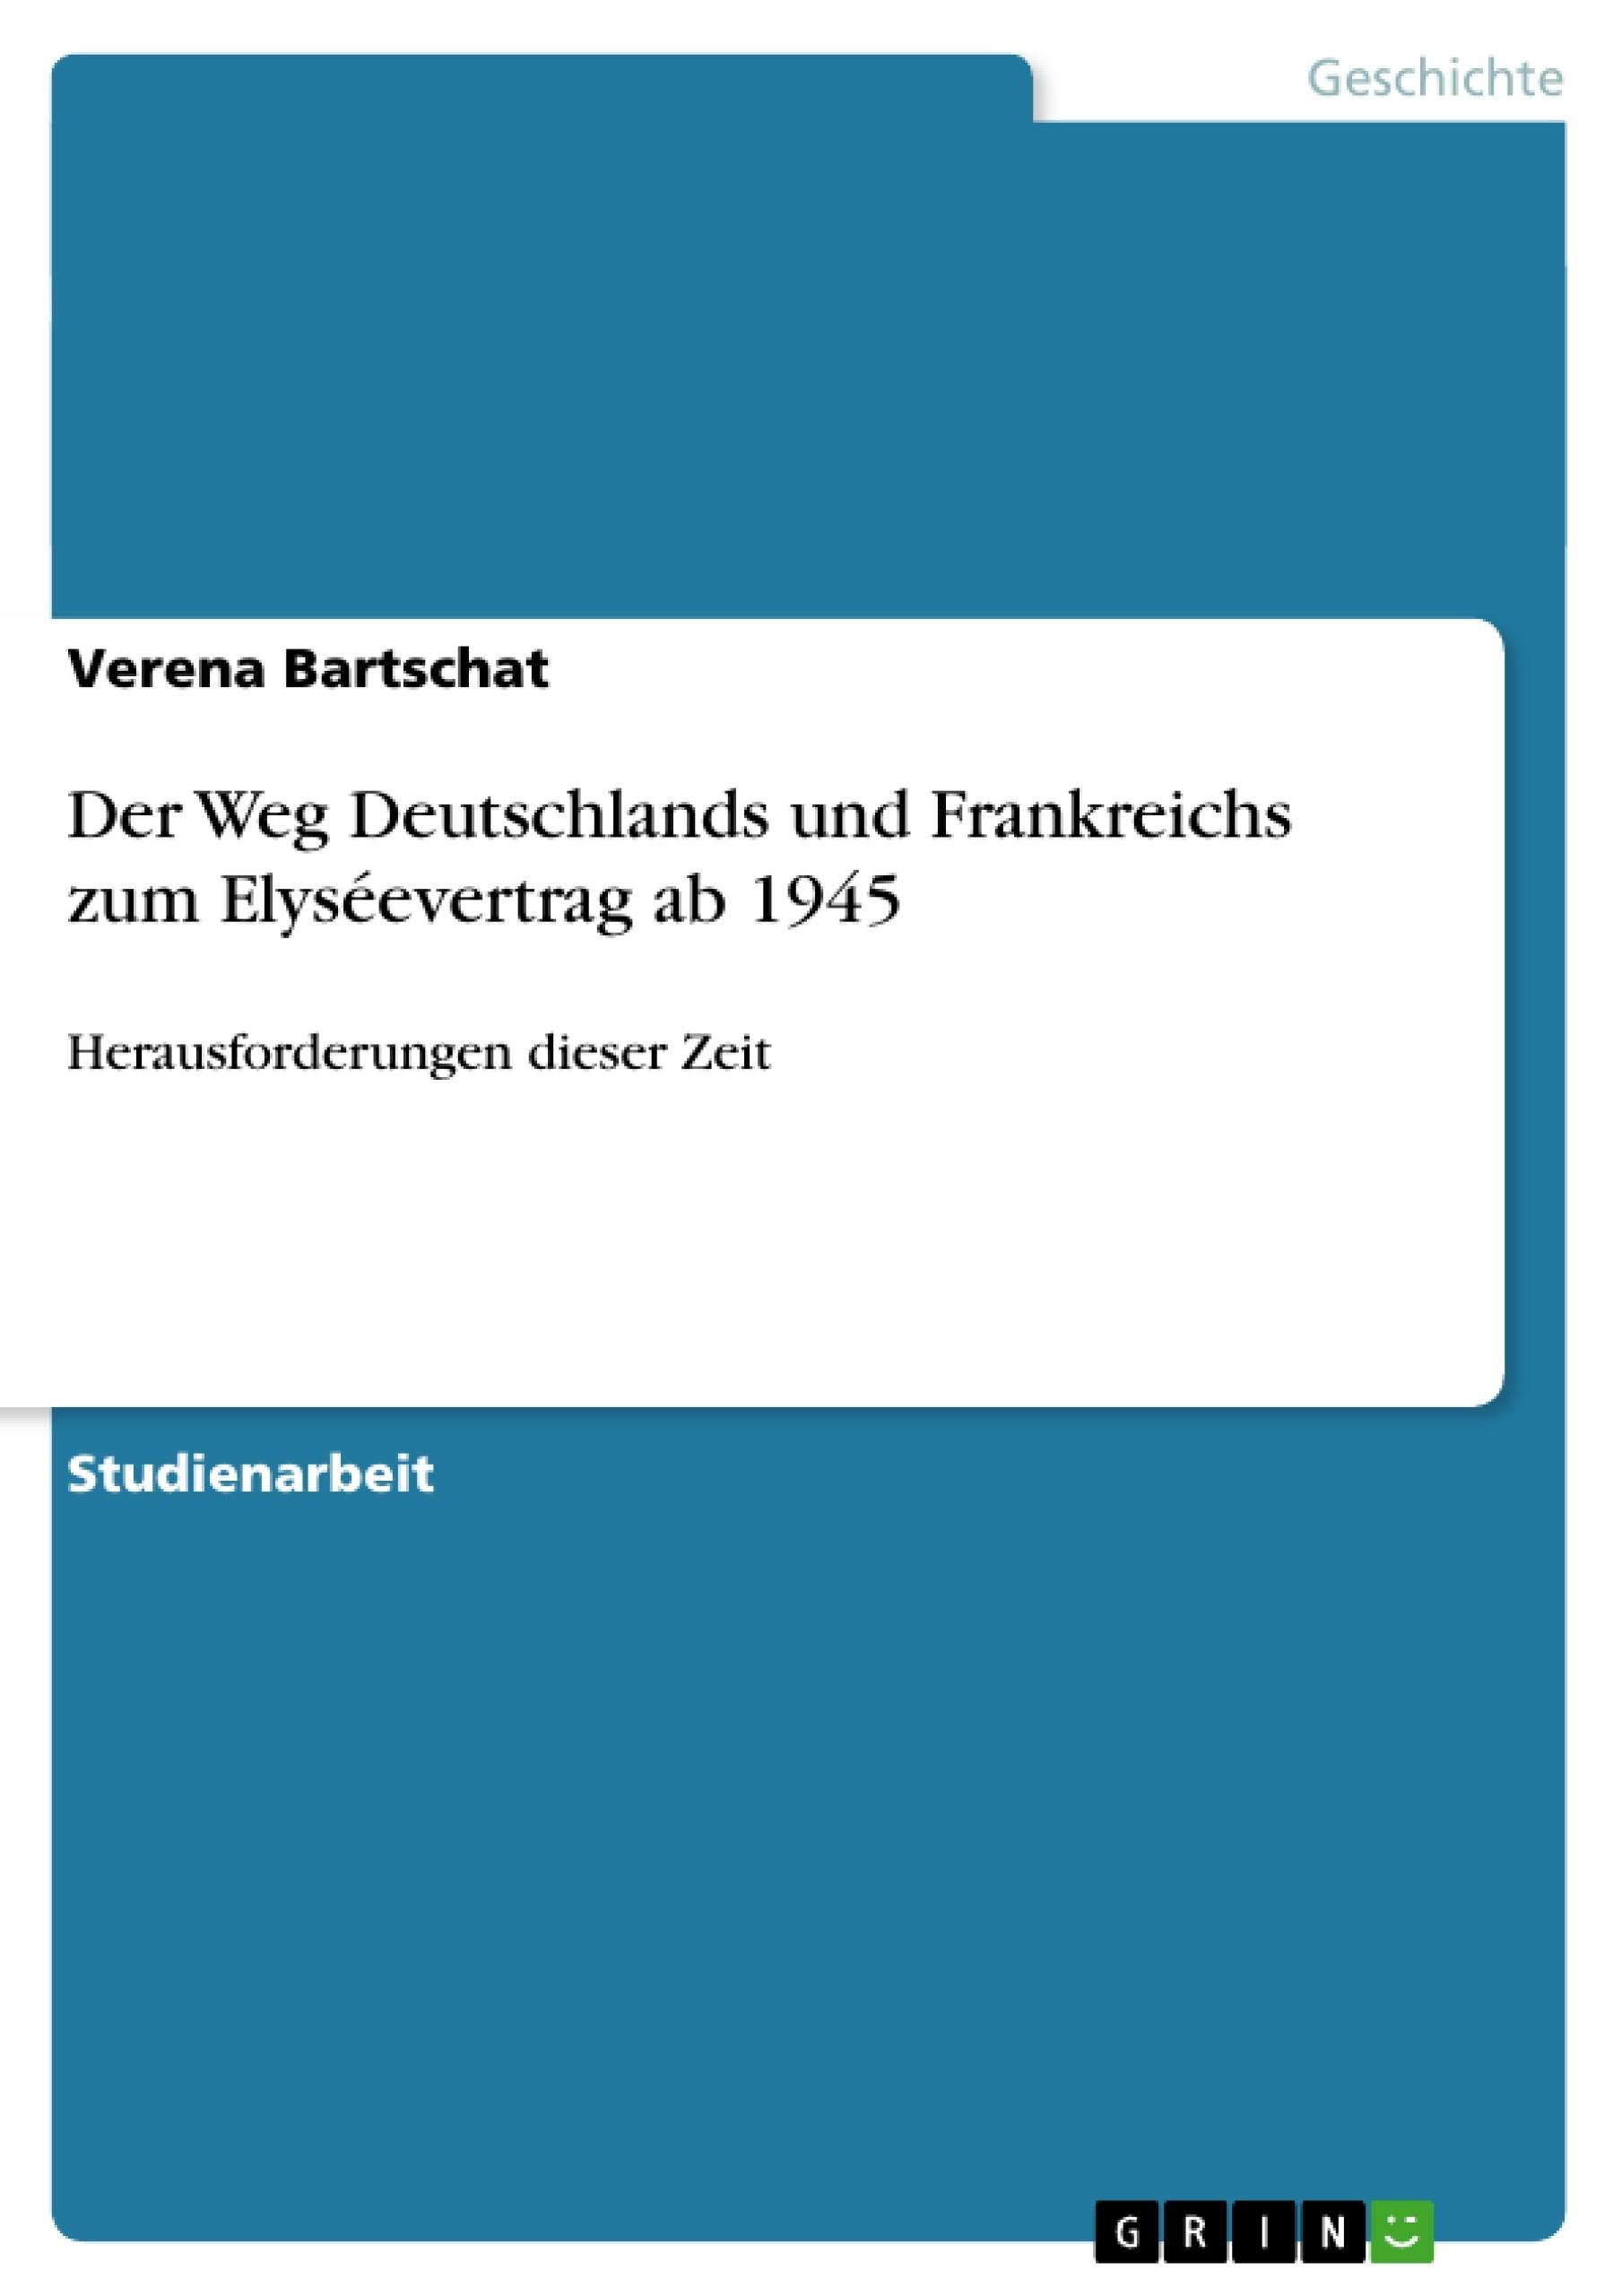 Titel: Der Weg Deutschlands und Frankreichs zum Elyséevertrag ab 1945